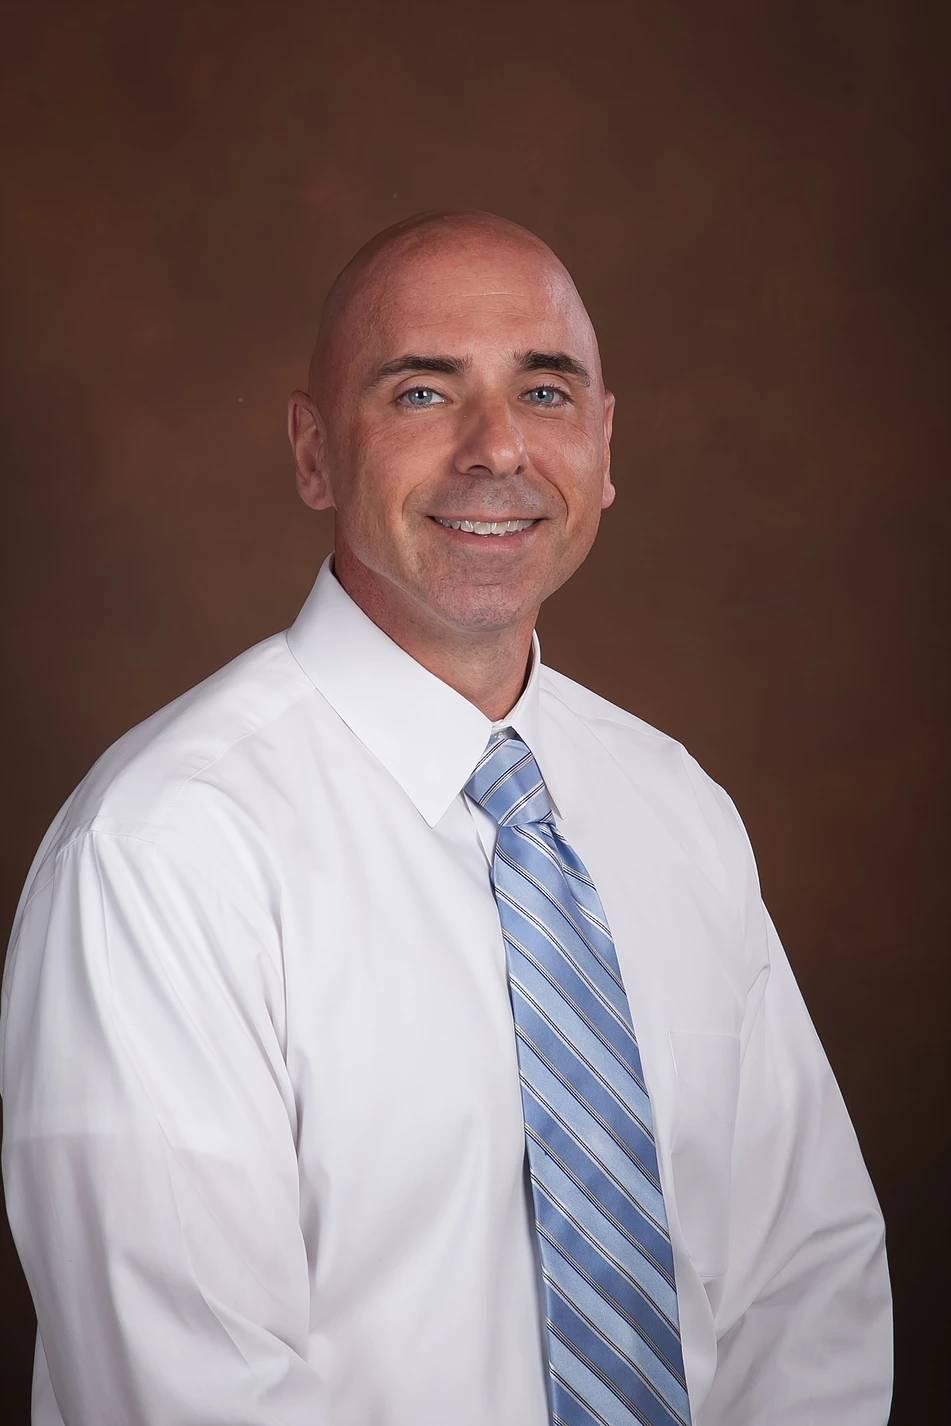 Mr. Vance Viscusi - Headmaster